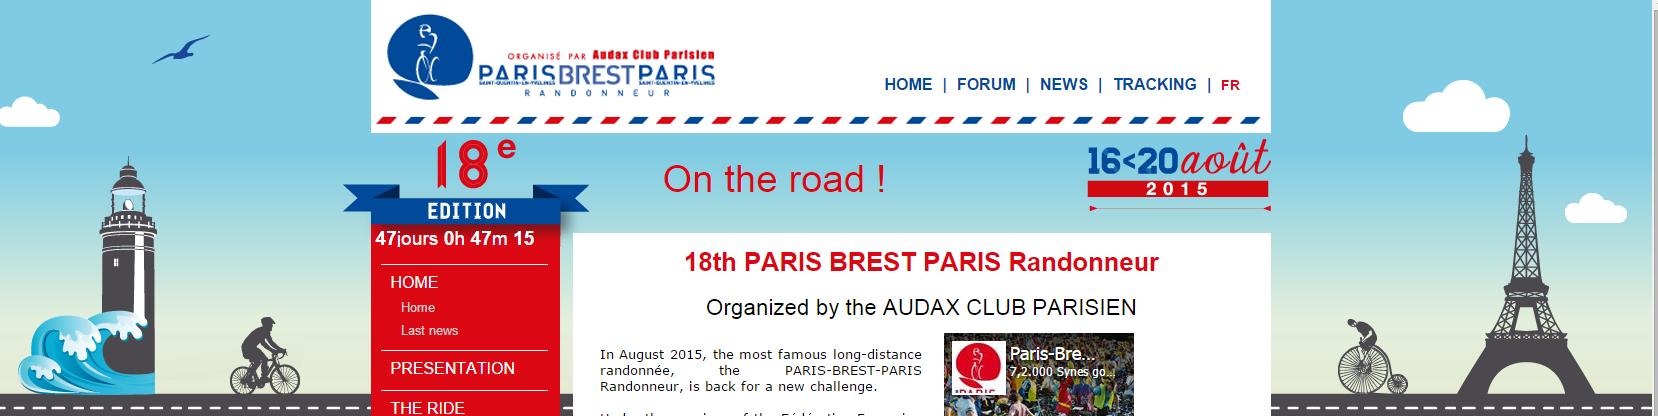 Paris-Brest-Paris 46 dage